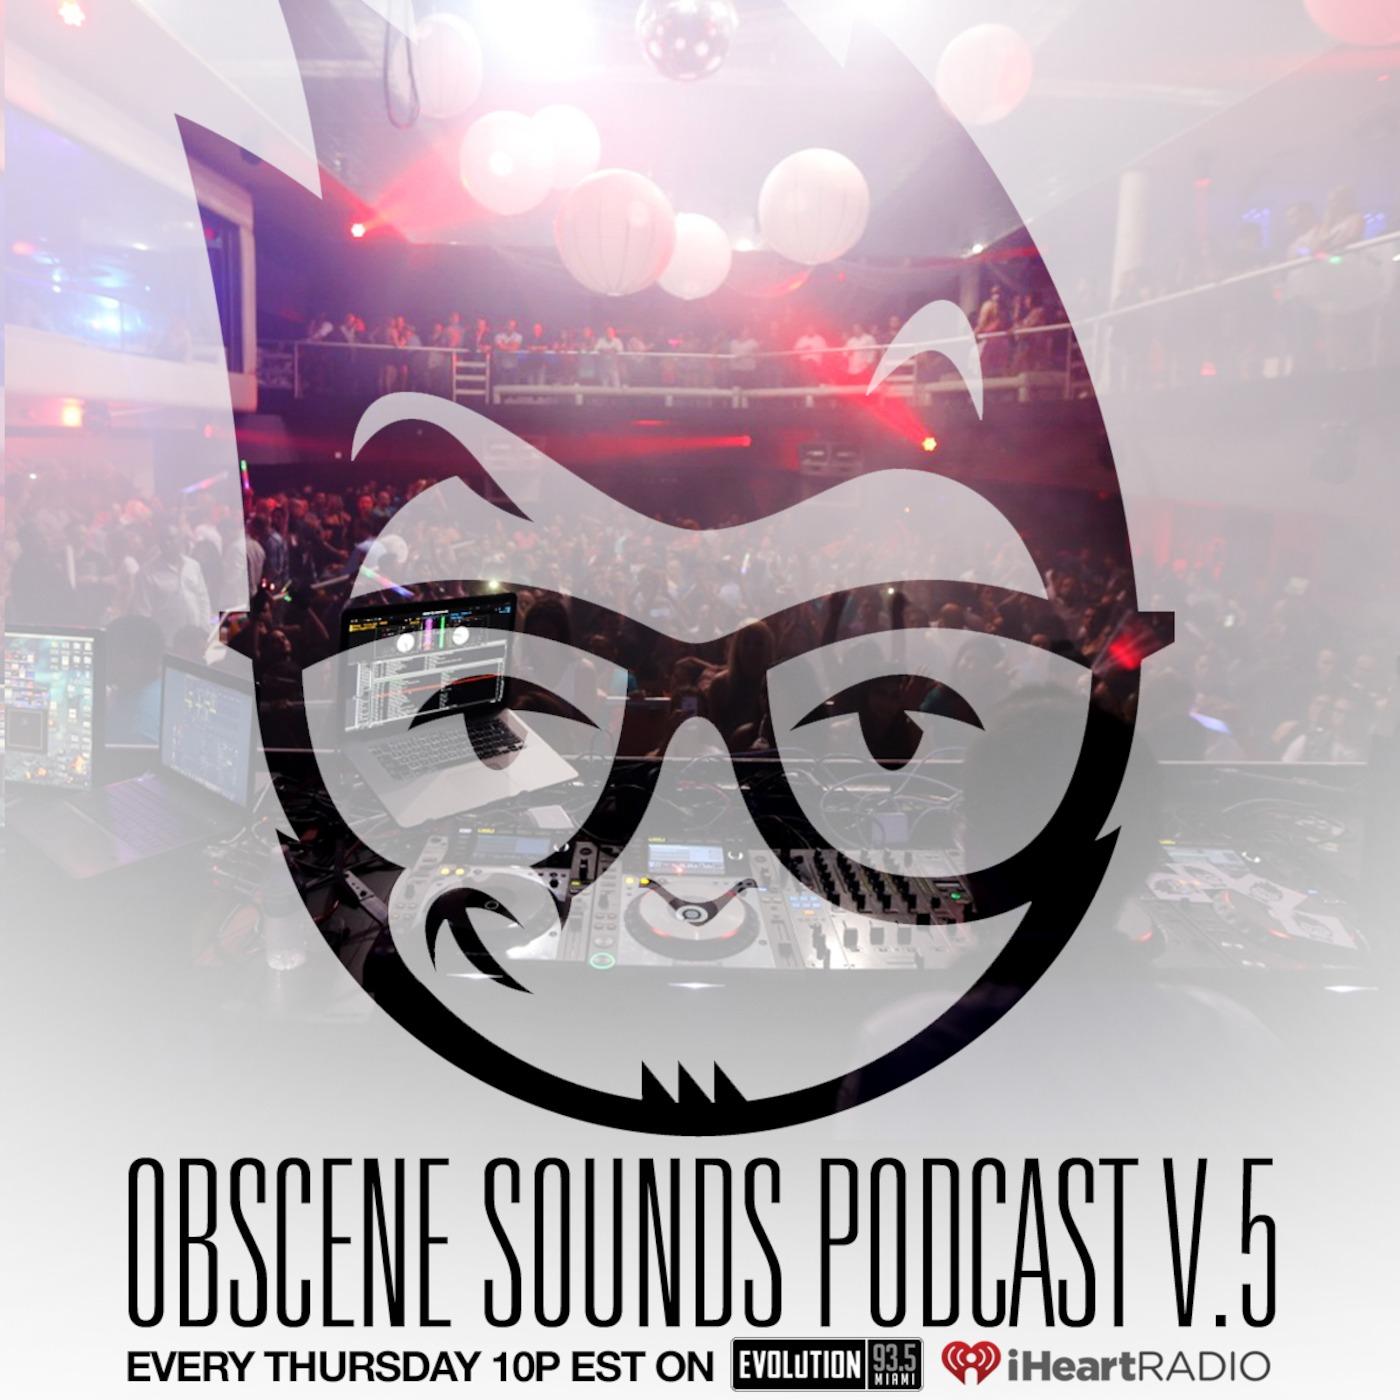 Obscene Sounds Podcast